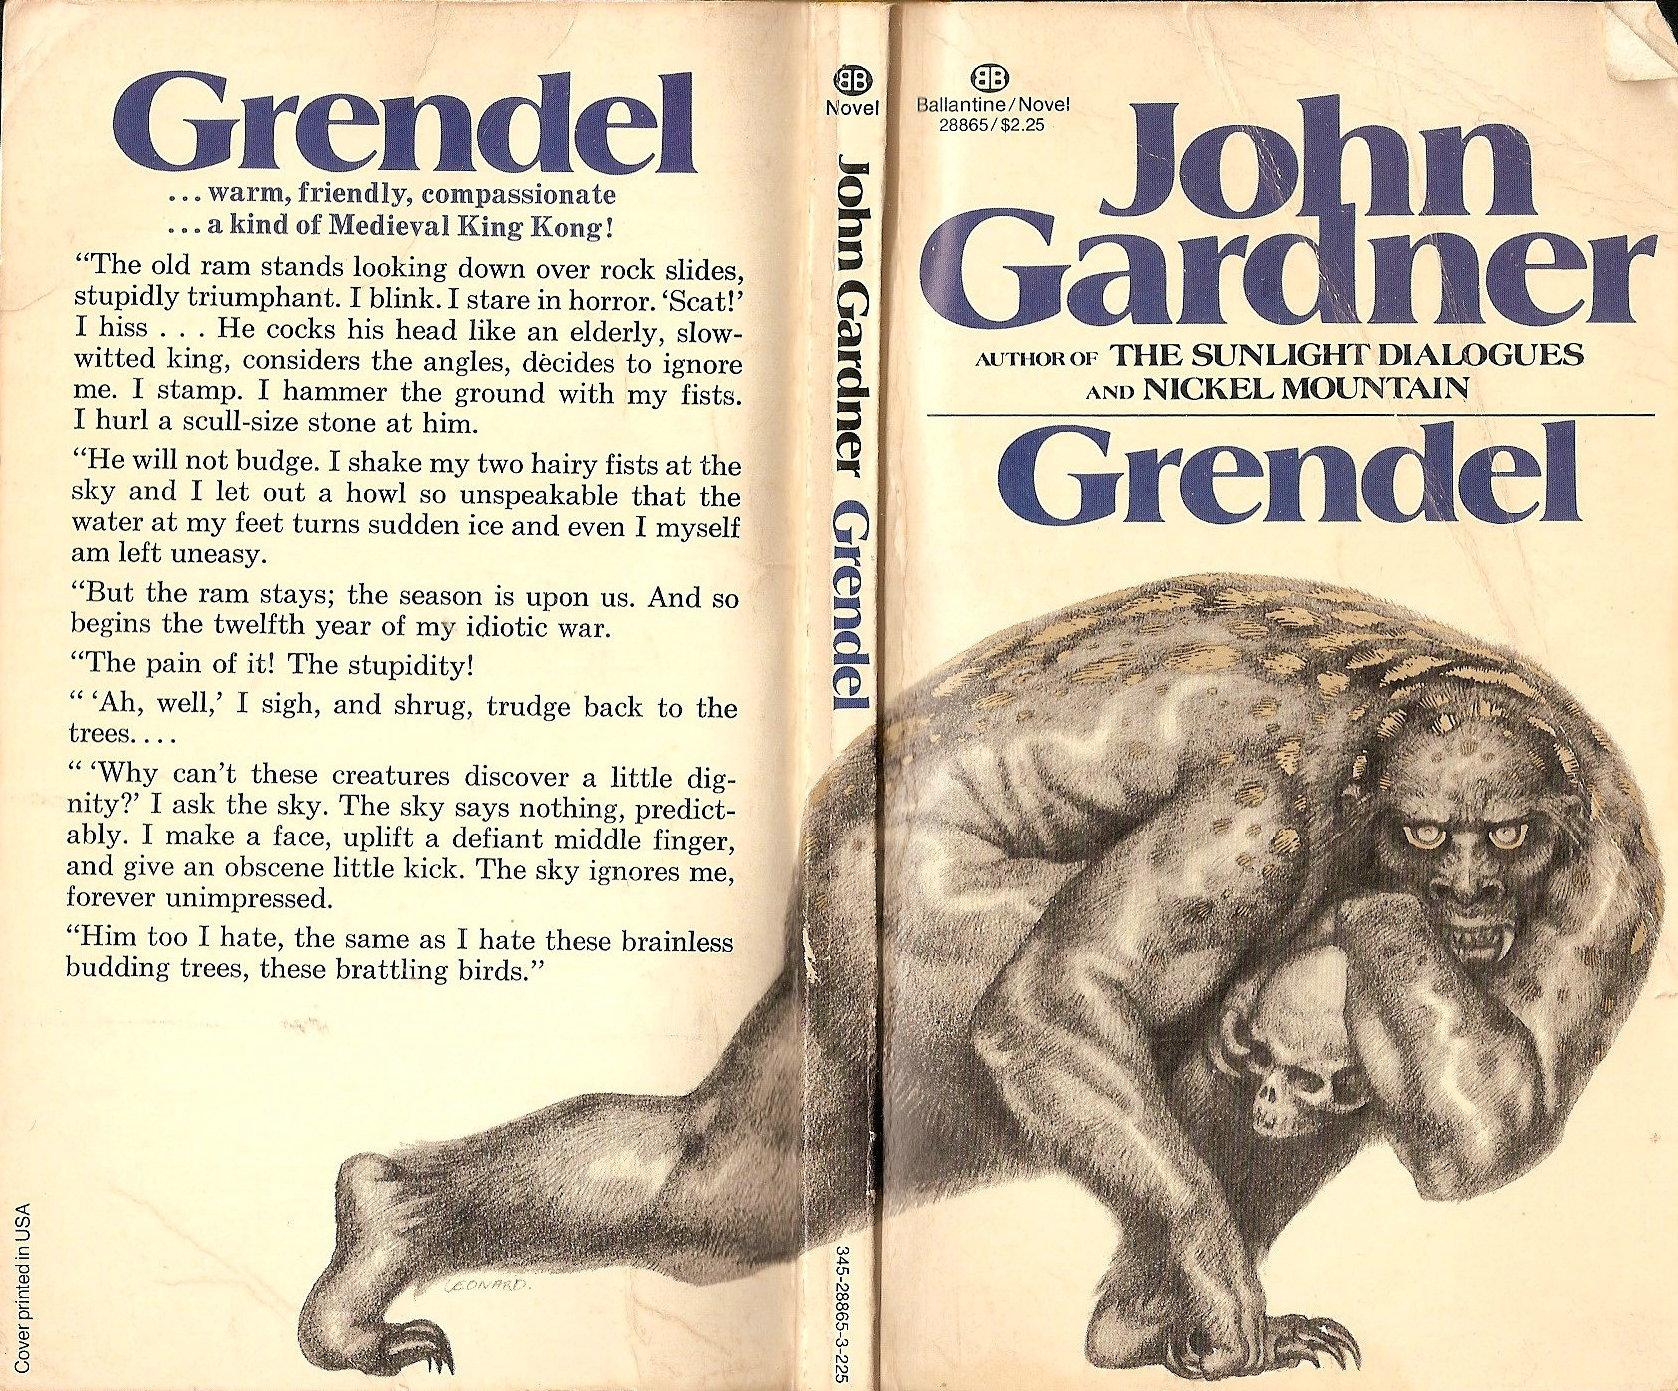 GRENDEL! He's a little bit scary.